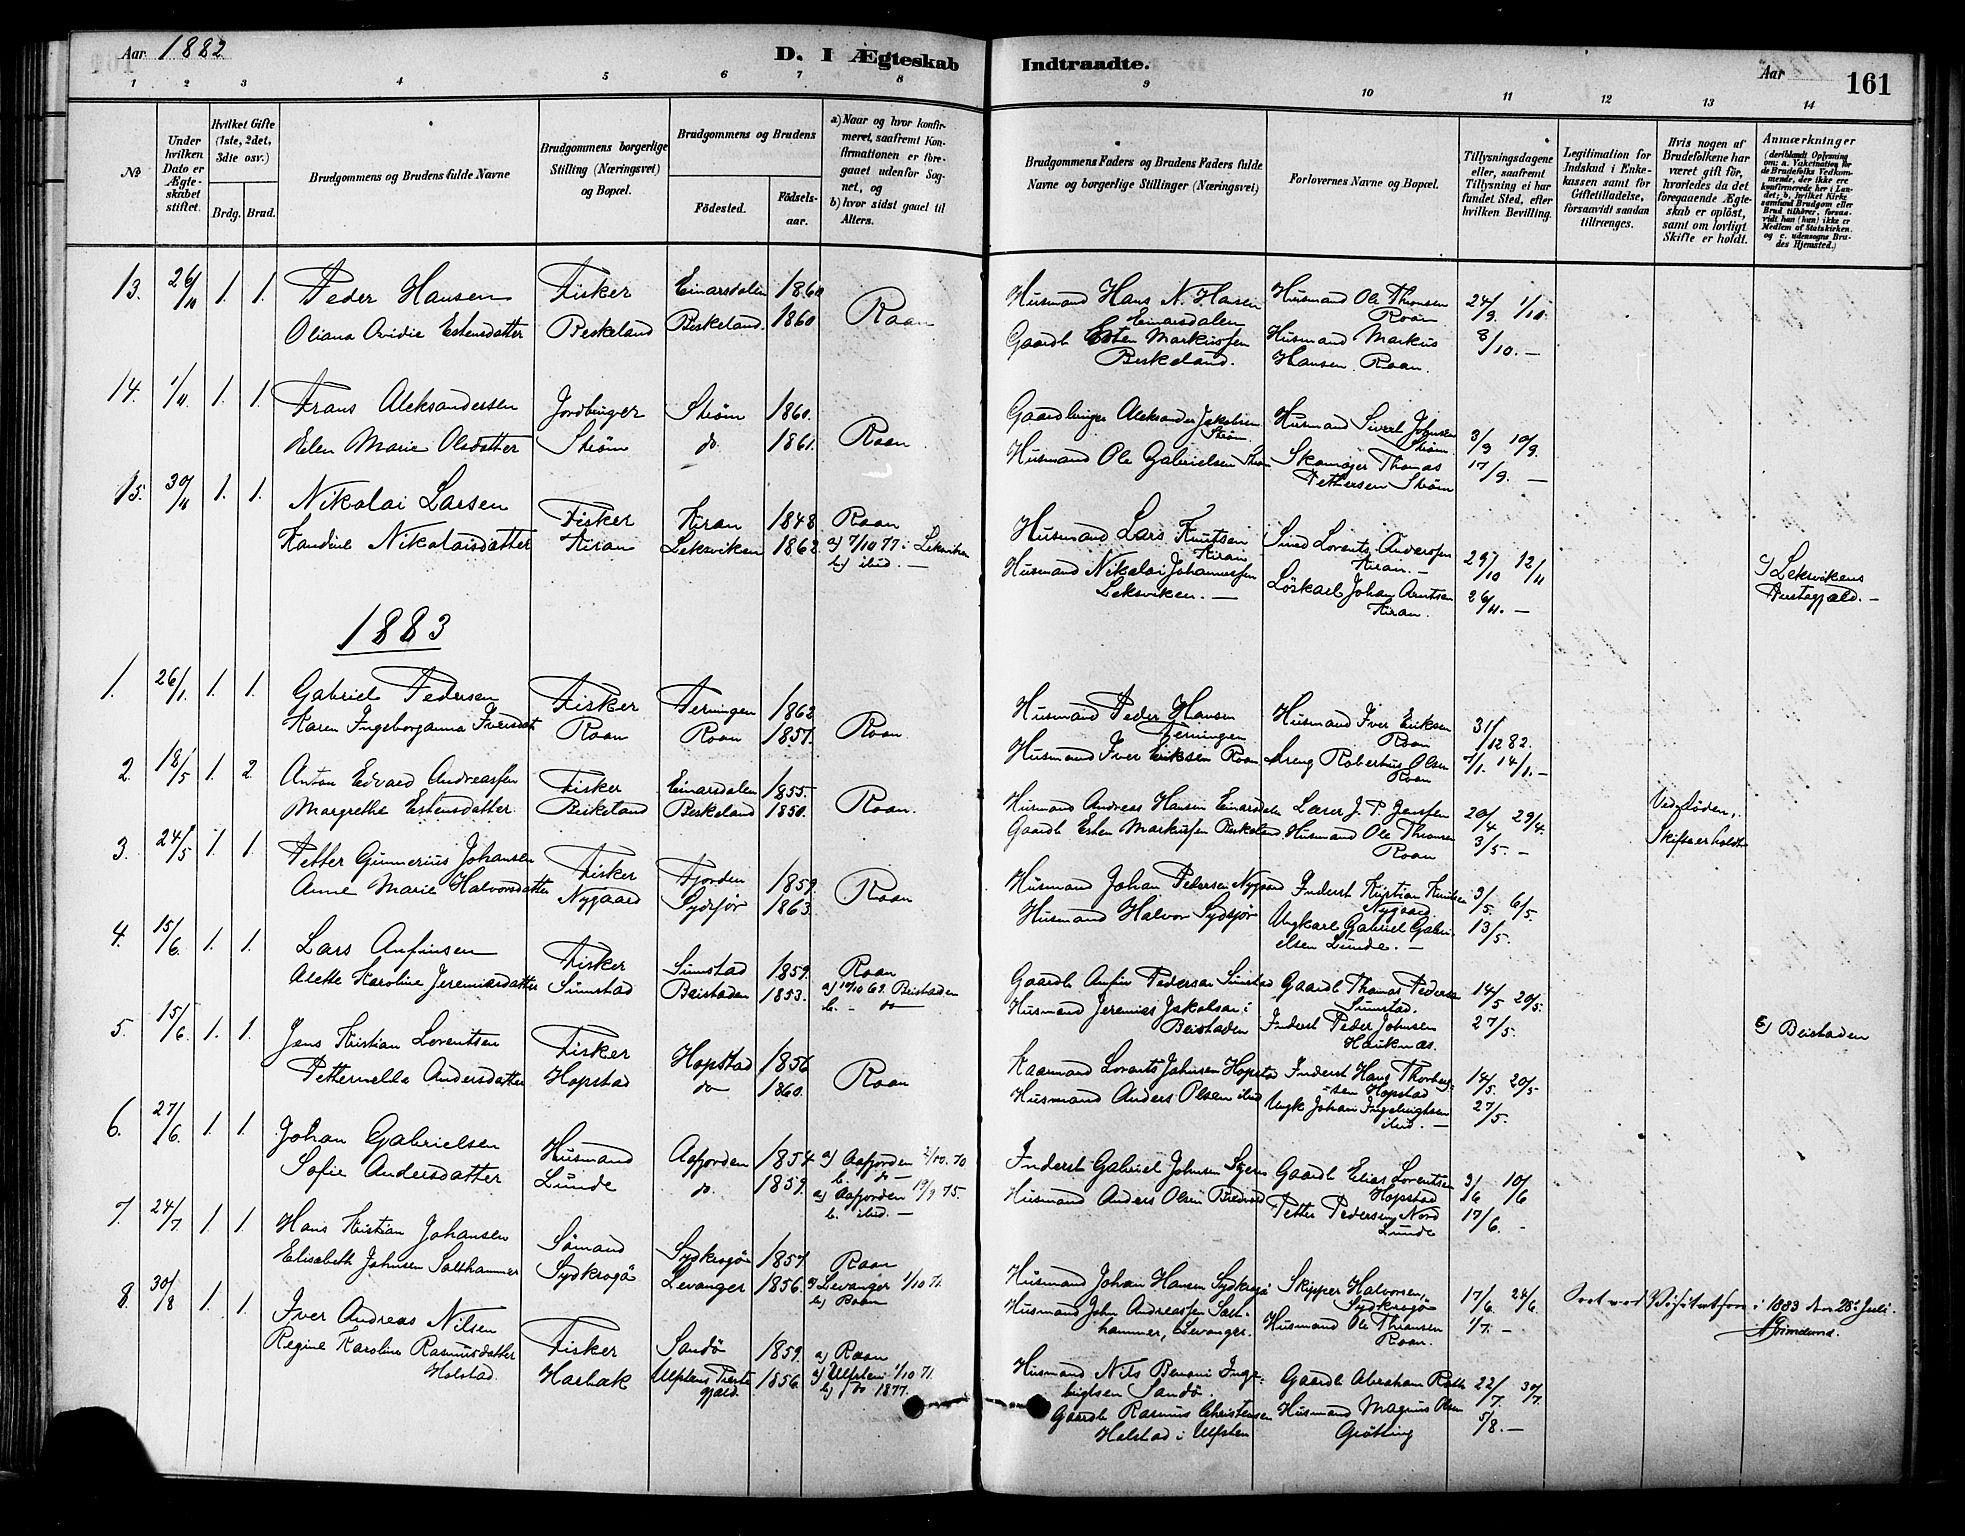 SAT, Ministerialprotokoller, klokkerbøker og fødselsregistre - Sør-Trøndelag, 657/L0707: Ministerialbok nr. 657A08, 1879-1893, s. 161